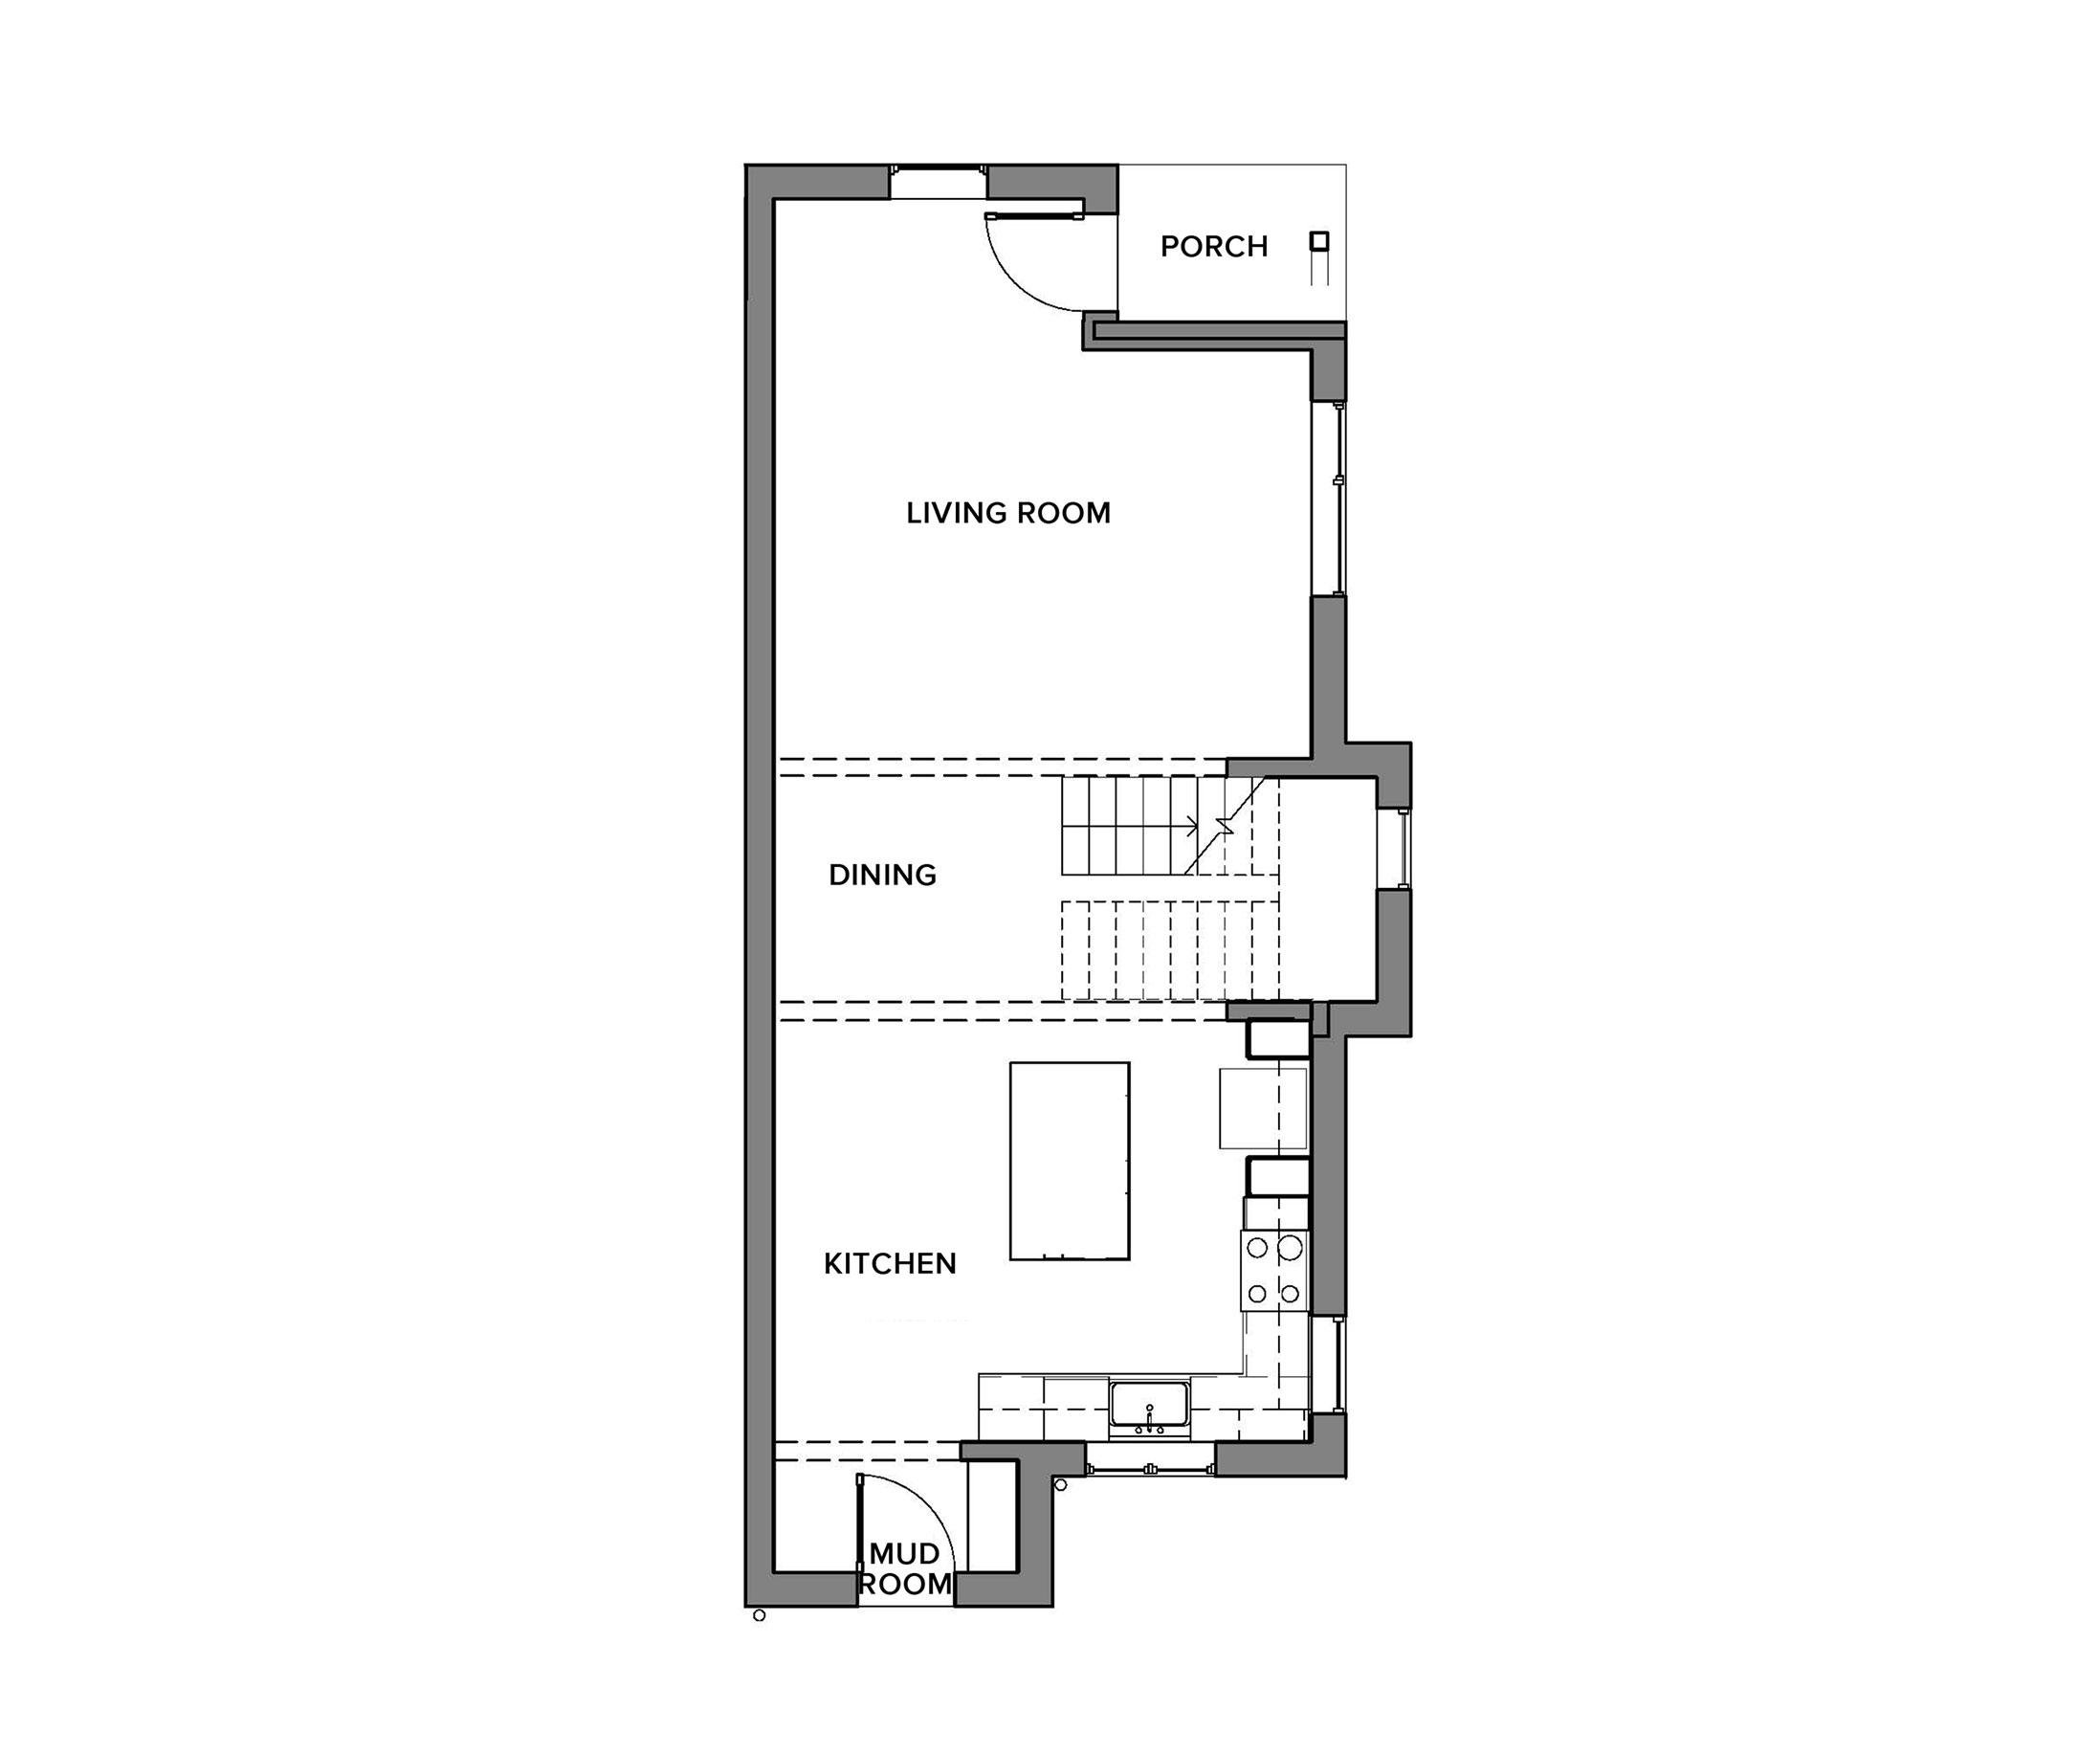 mth-floorplan-main-floor